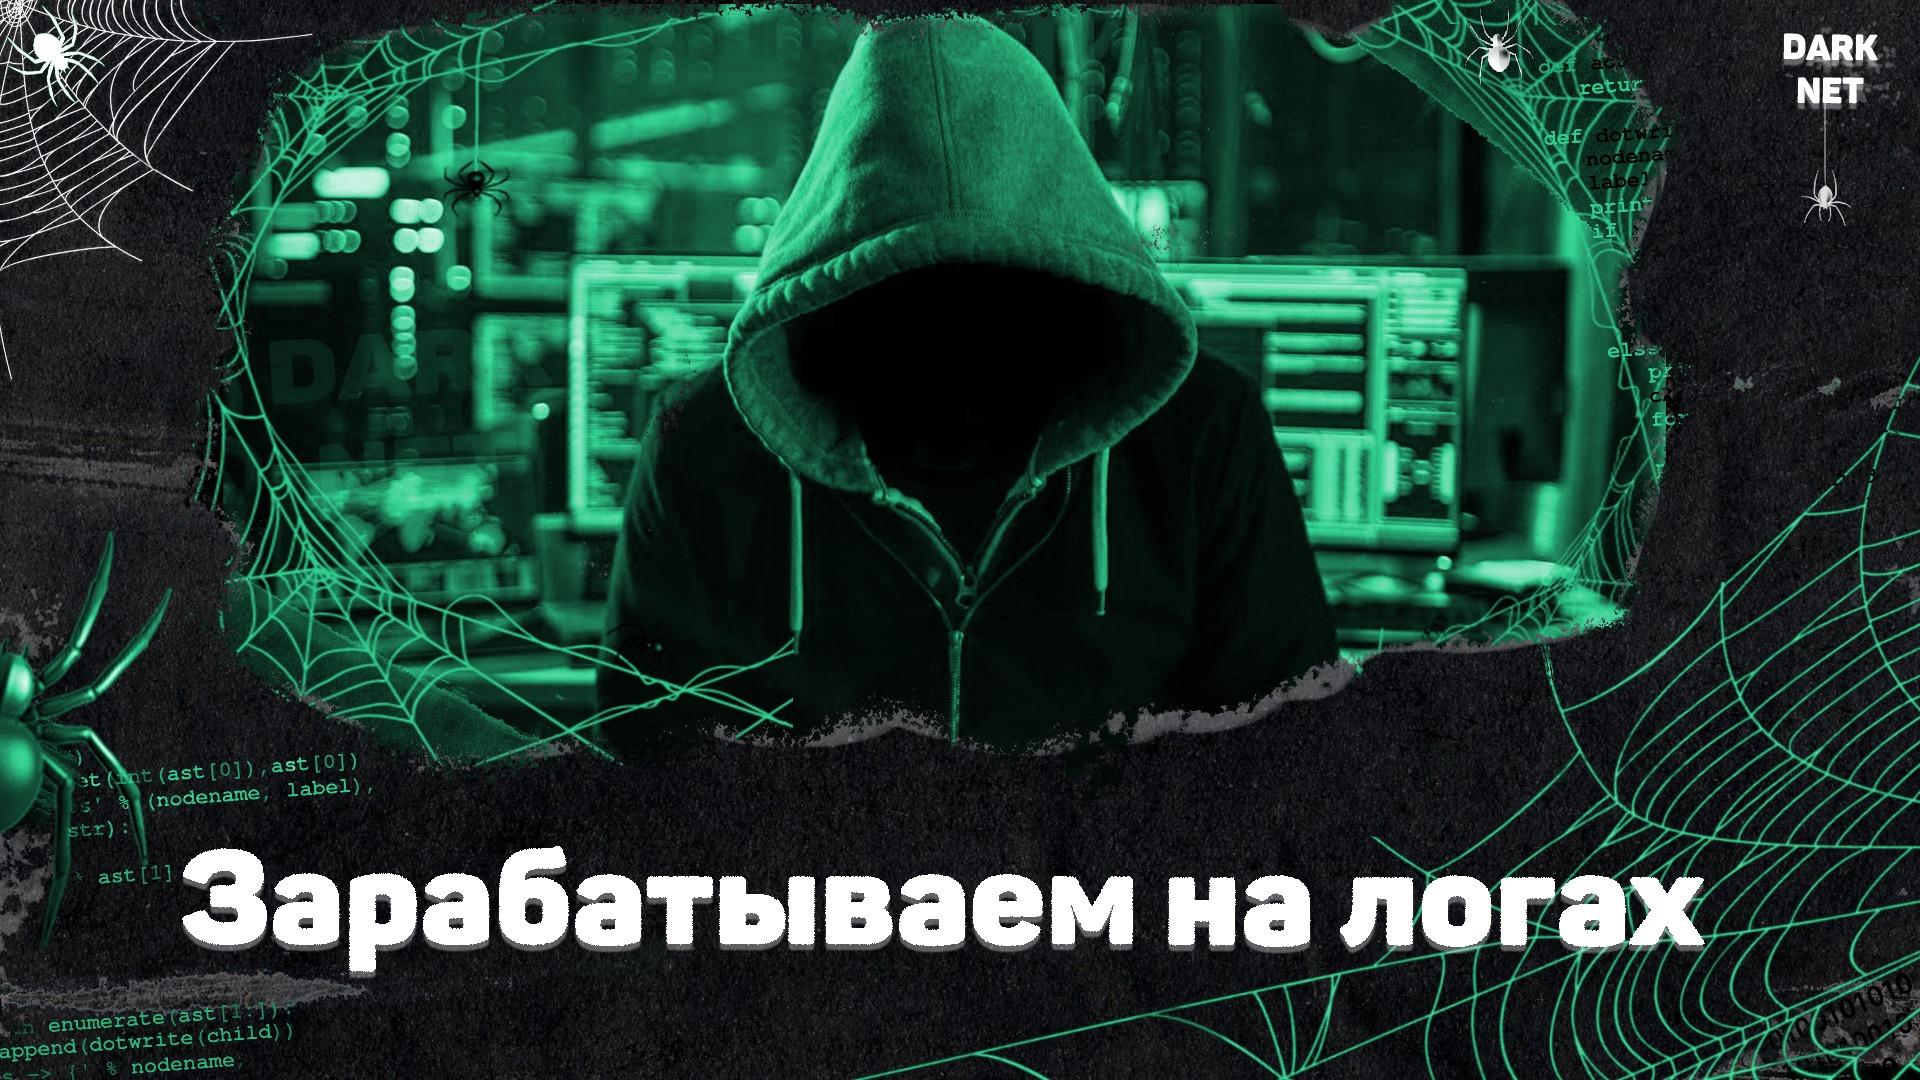 Журнал хакер выпуск даркнет hidra скачать браузер тор apk гидра